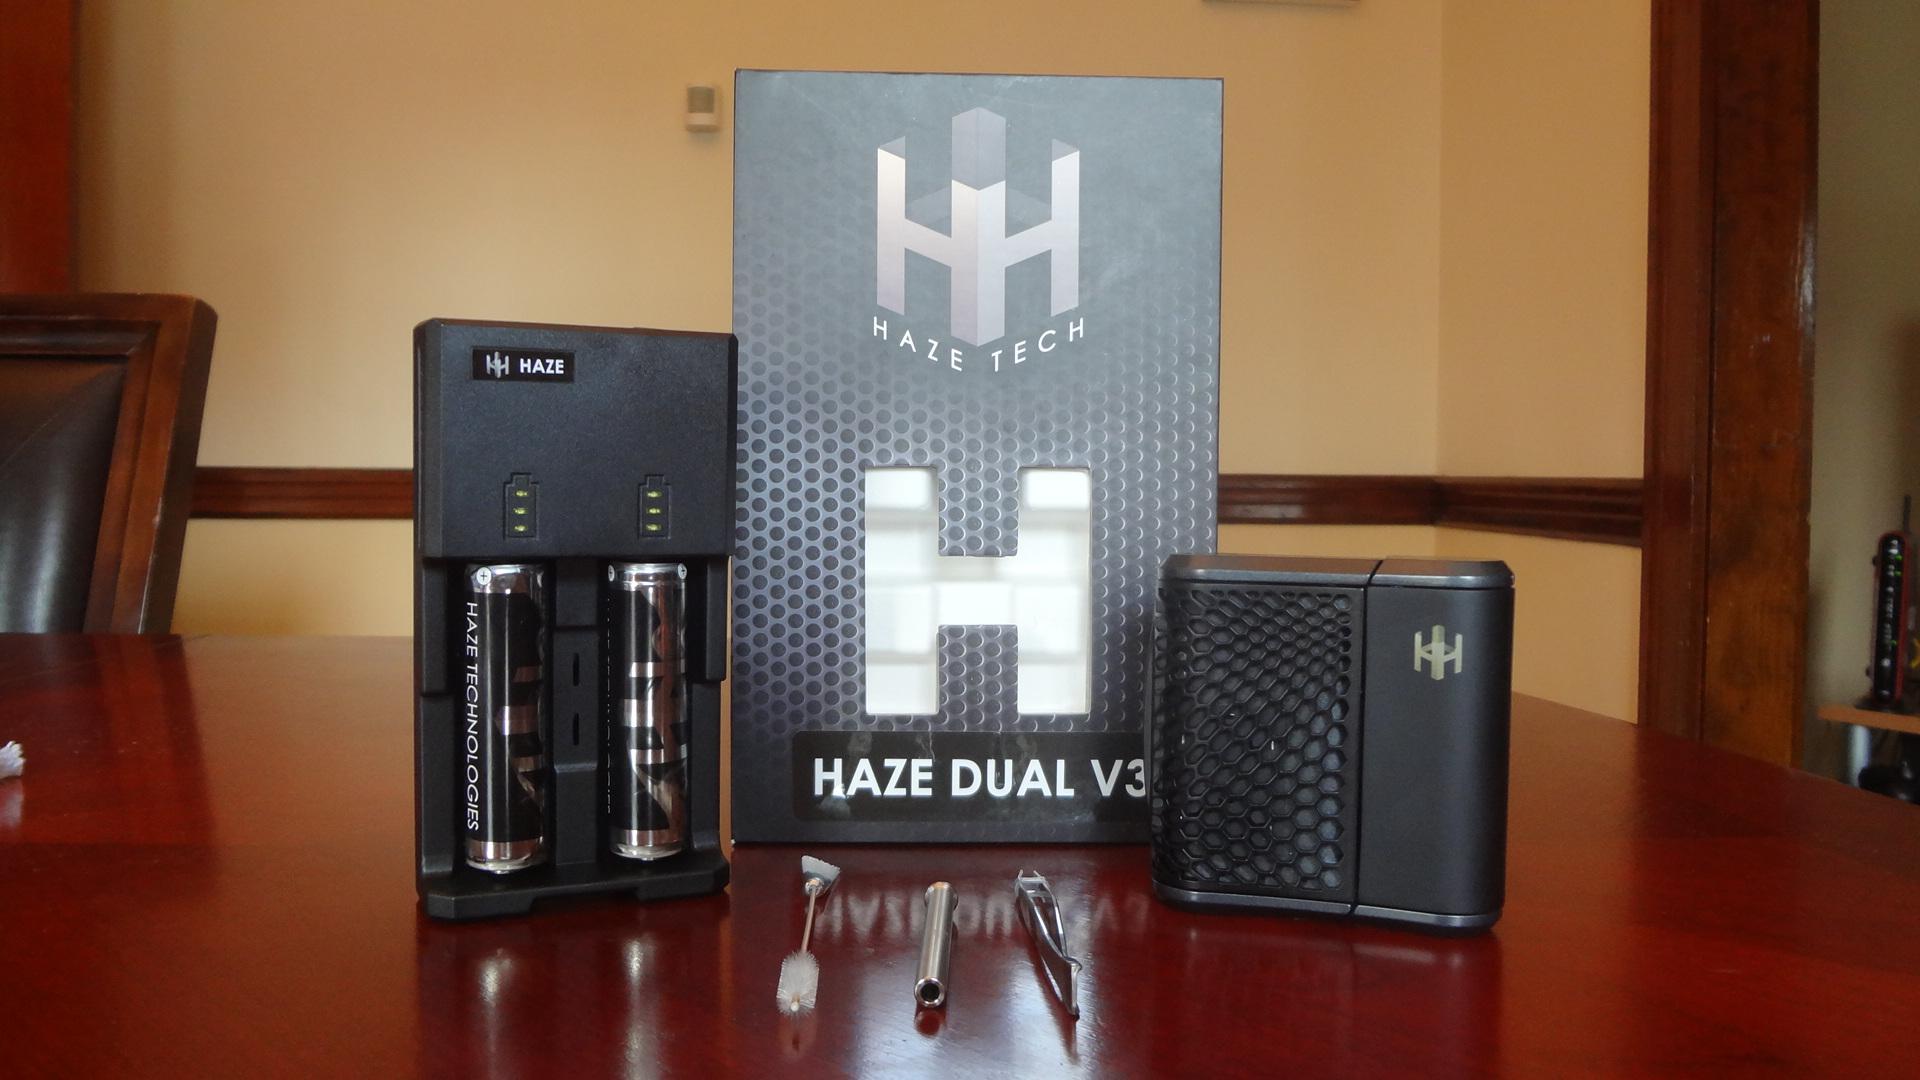 Haze Dual V3 Box